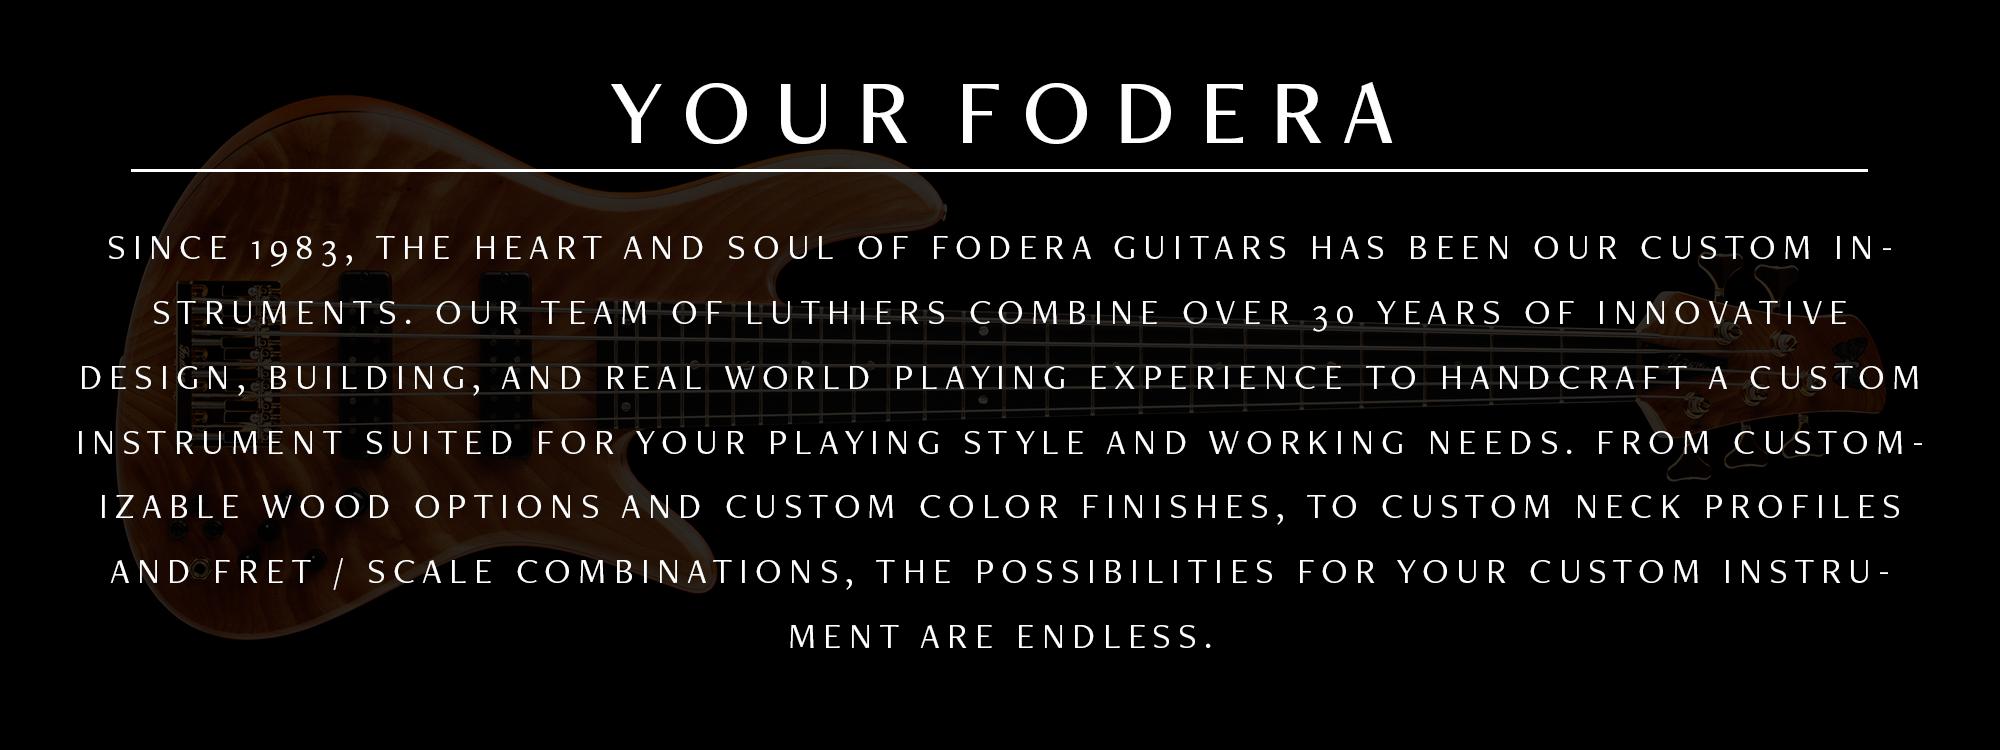 About Fodera Large